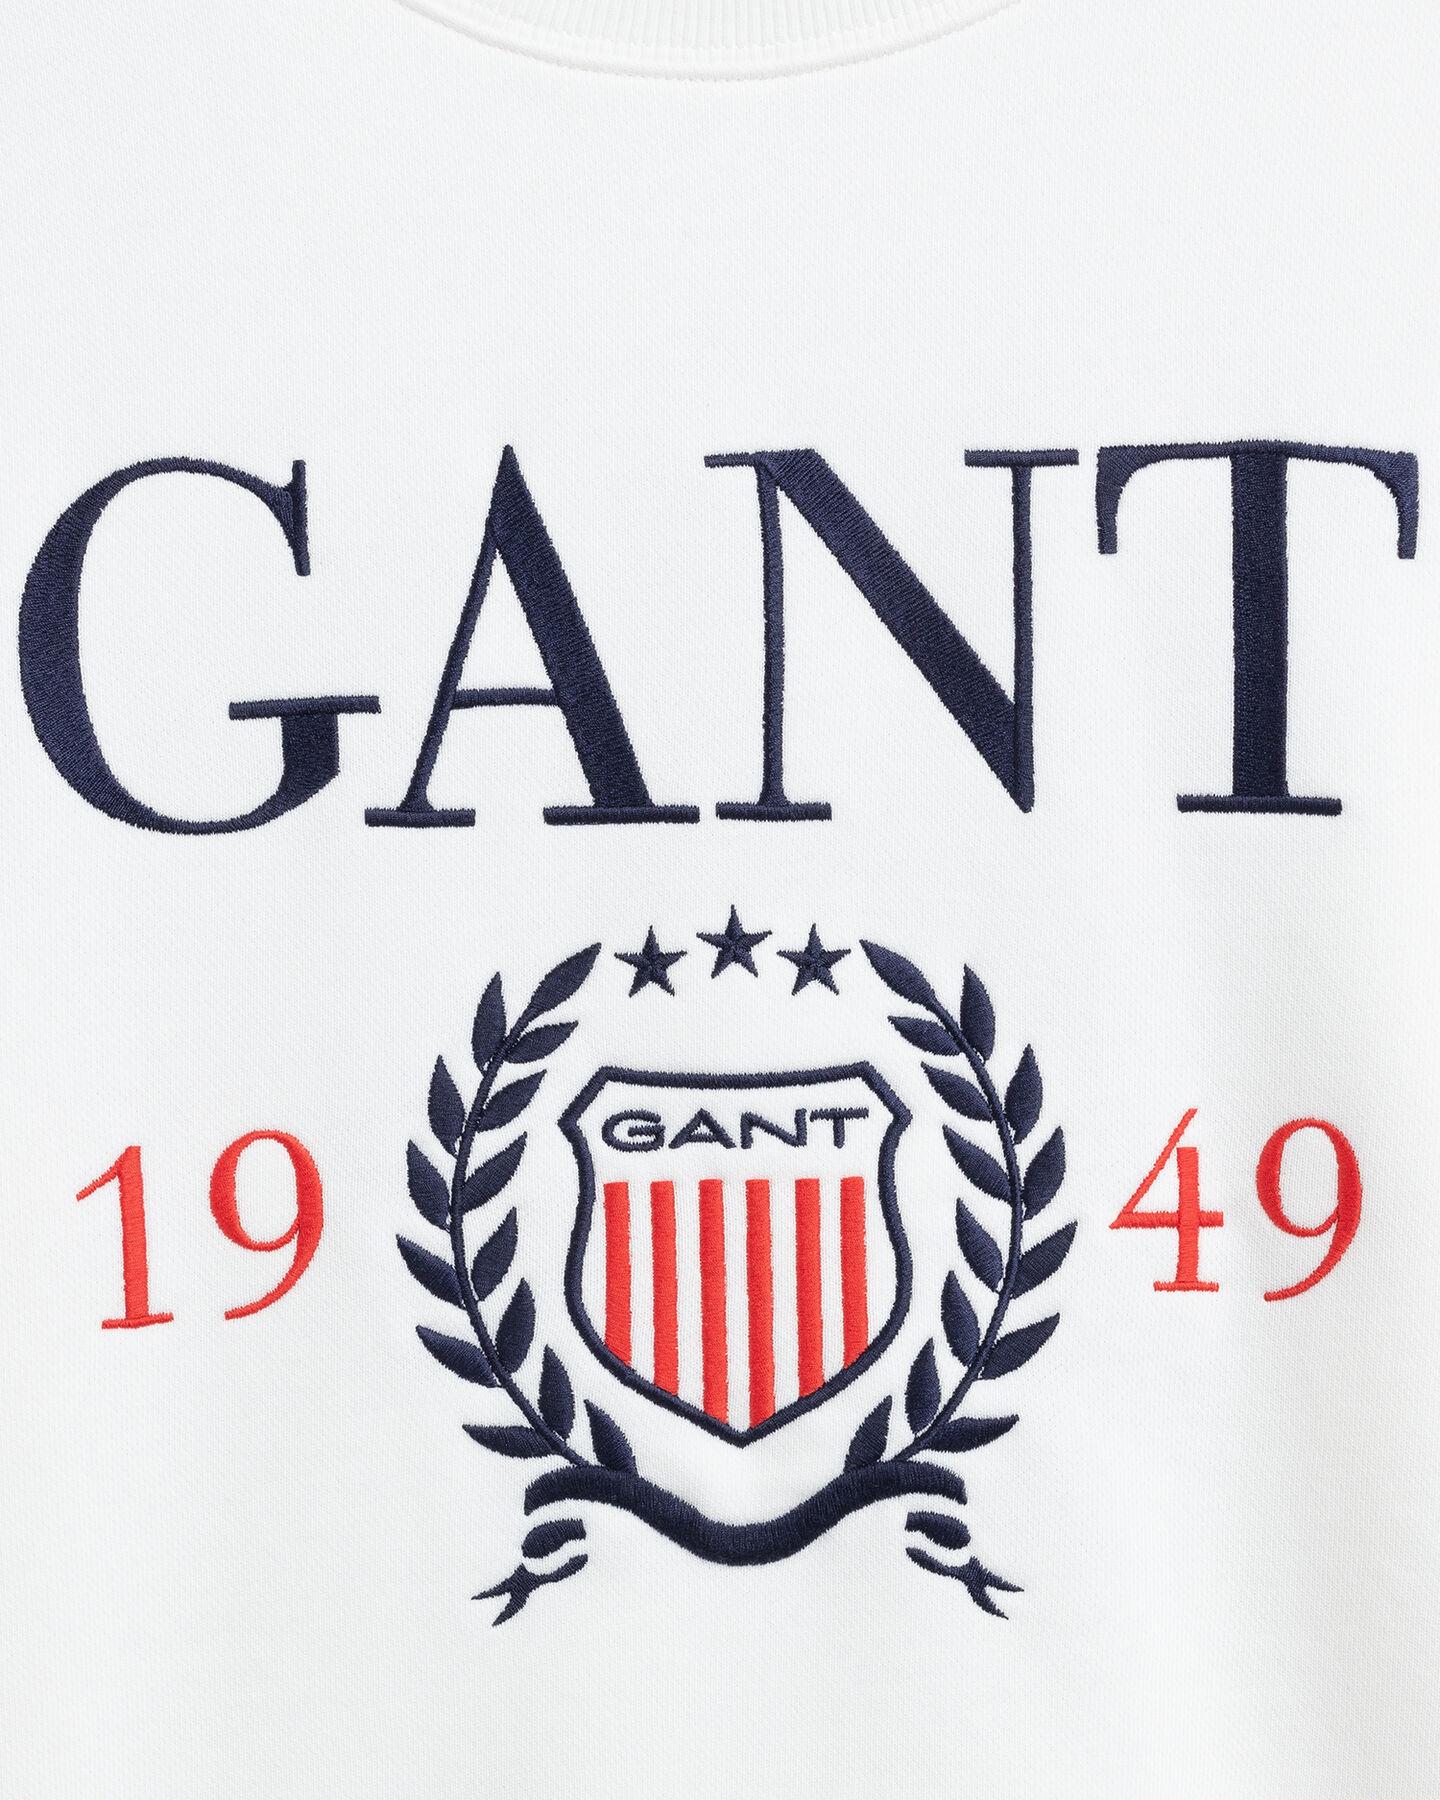 1949 Crest Crew Neck Sweatshirt